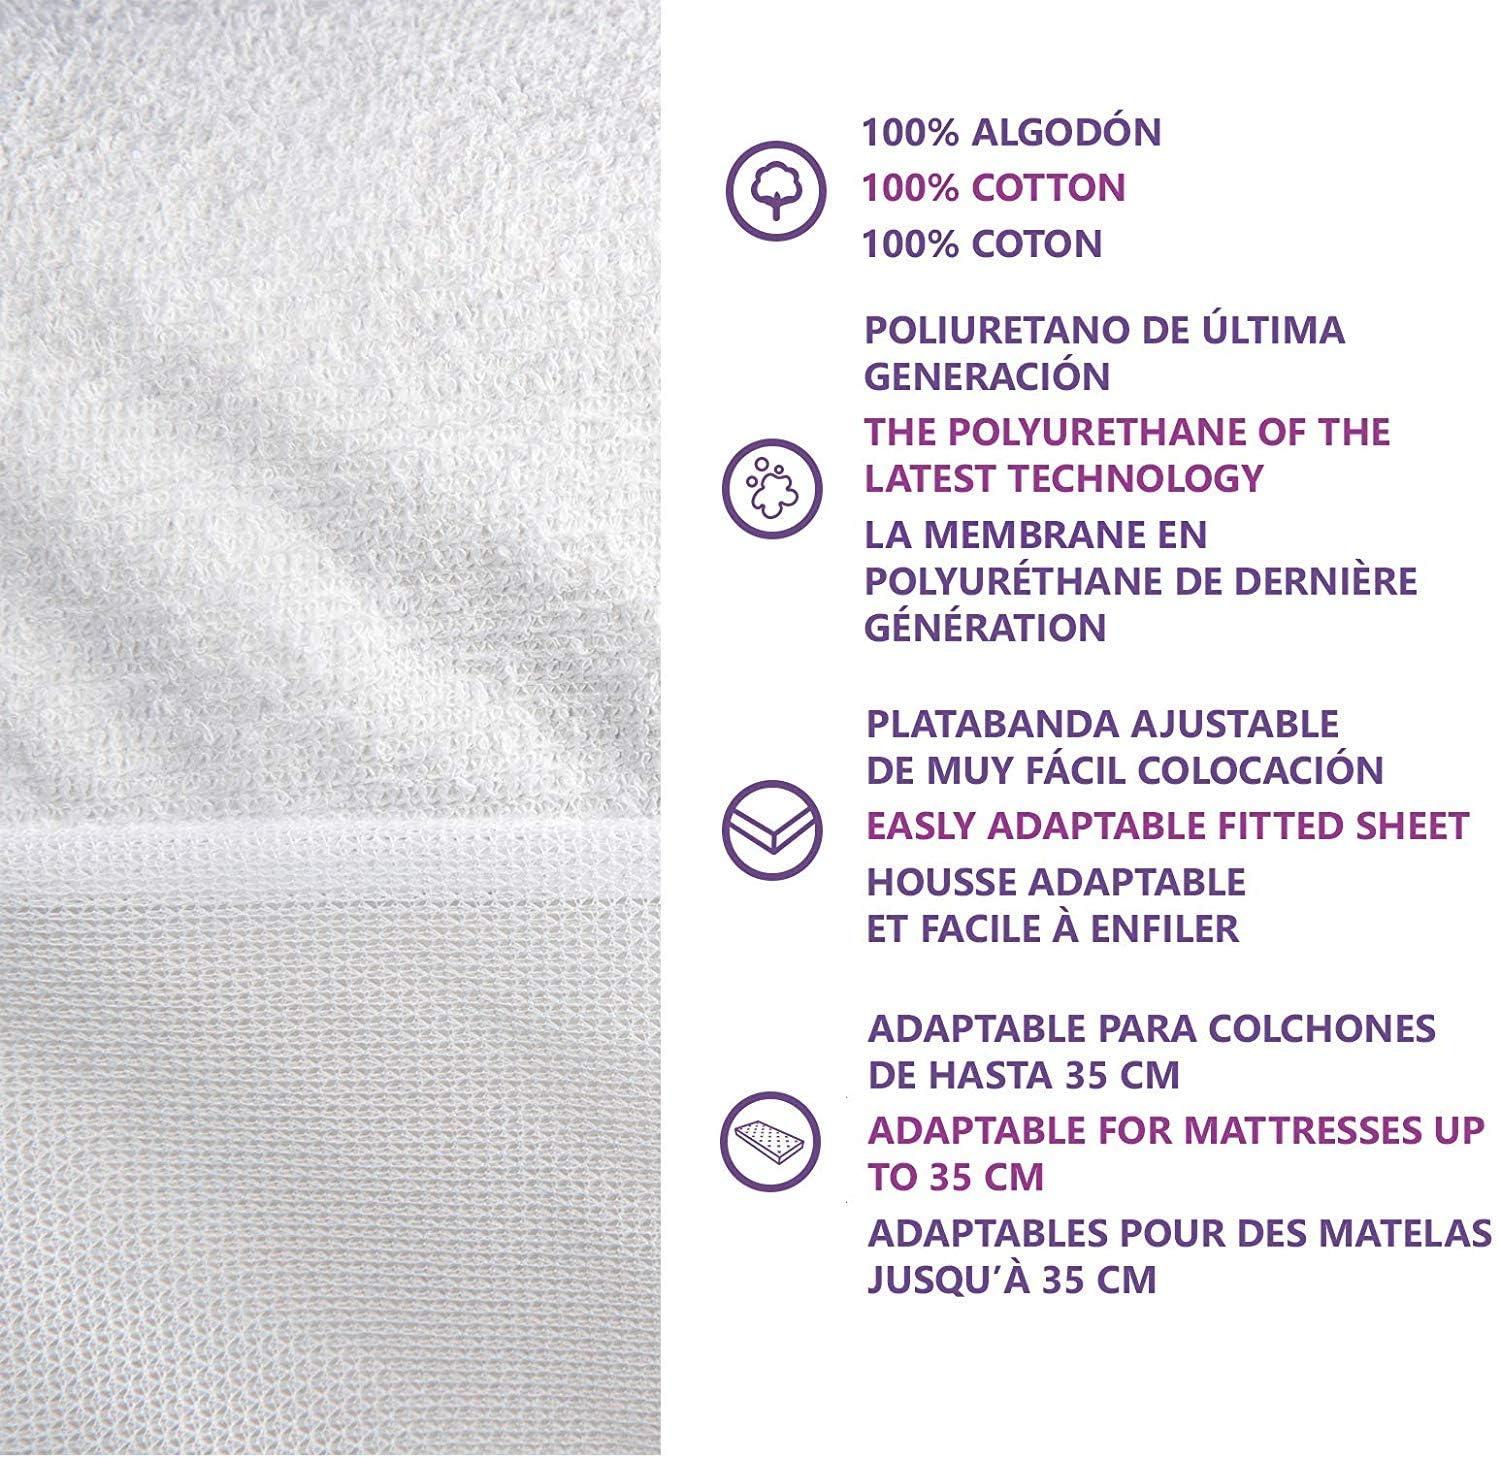 Respirant et Anti-Acariens Fabriqu/é en Europe Blanc Housse Matelas en Tissu Frais PIMPAM Factory Prot/ège Matelas Coton Imperm/éable 60x120 cm Al/èse pour Lit Drap Housse